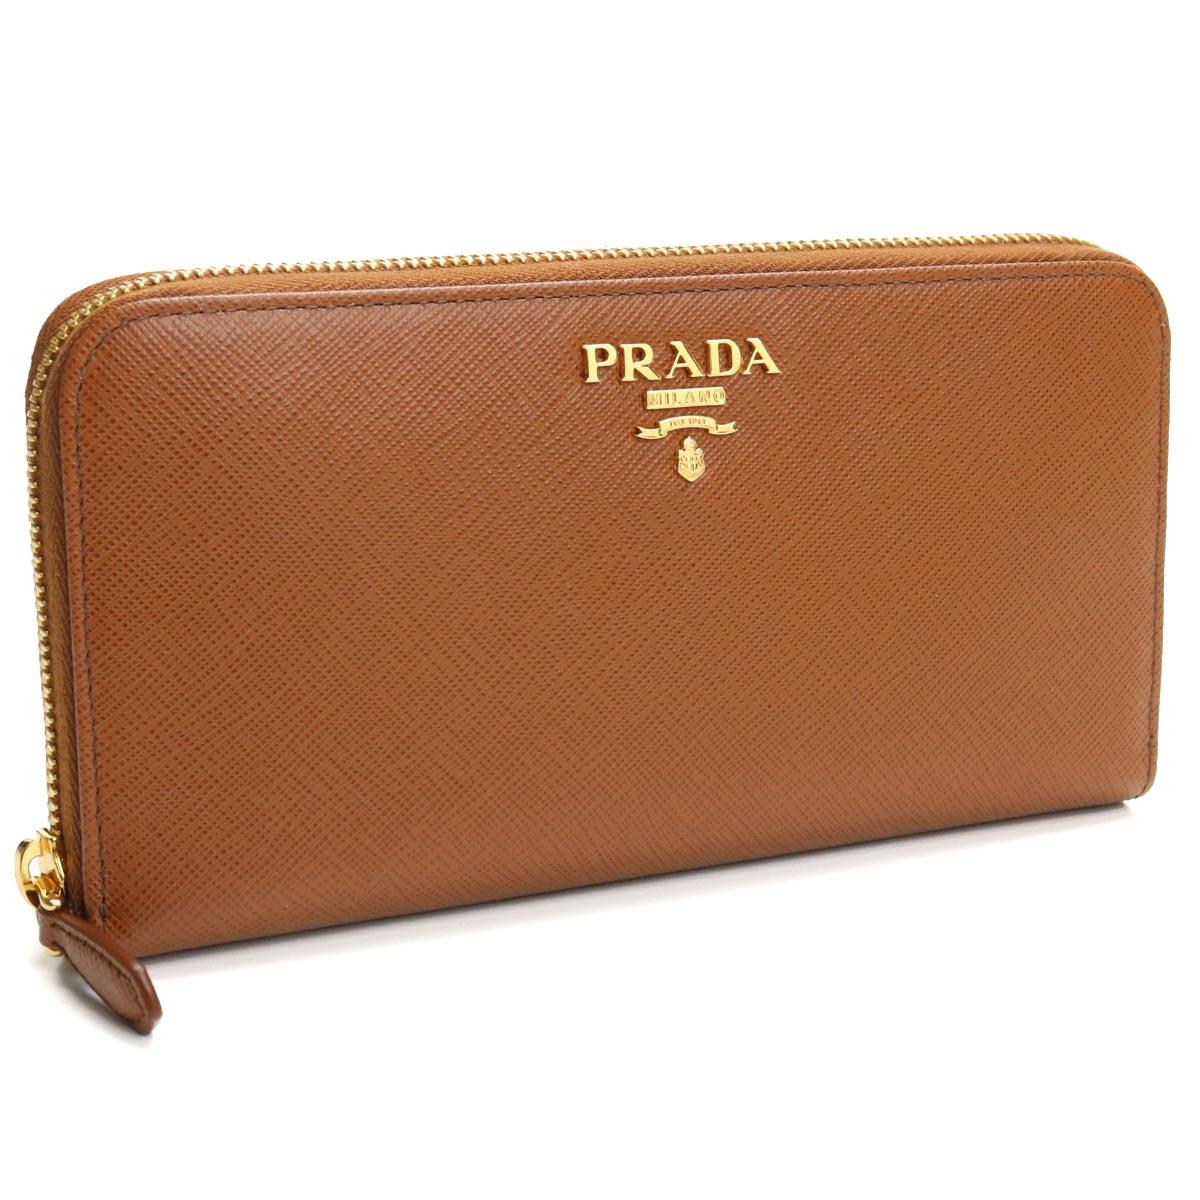 プラダ PRADA サフィアーノ ラウンドファスナー長財布 1ML506 QWA F0046 COGNAC ブラウン系 レディース